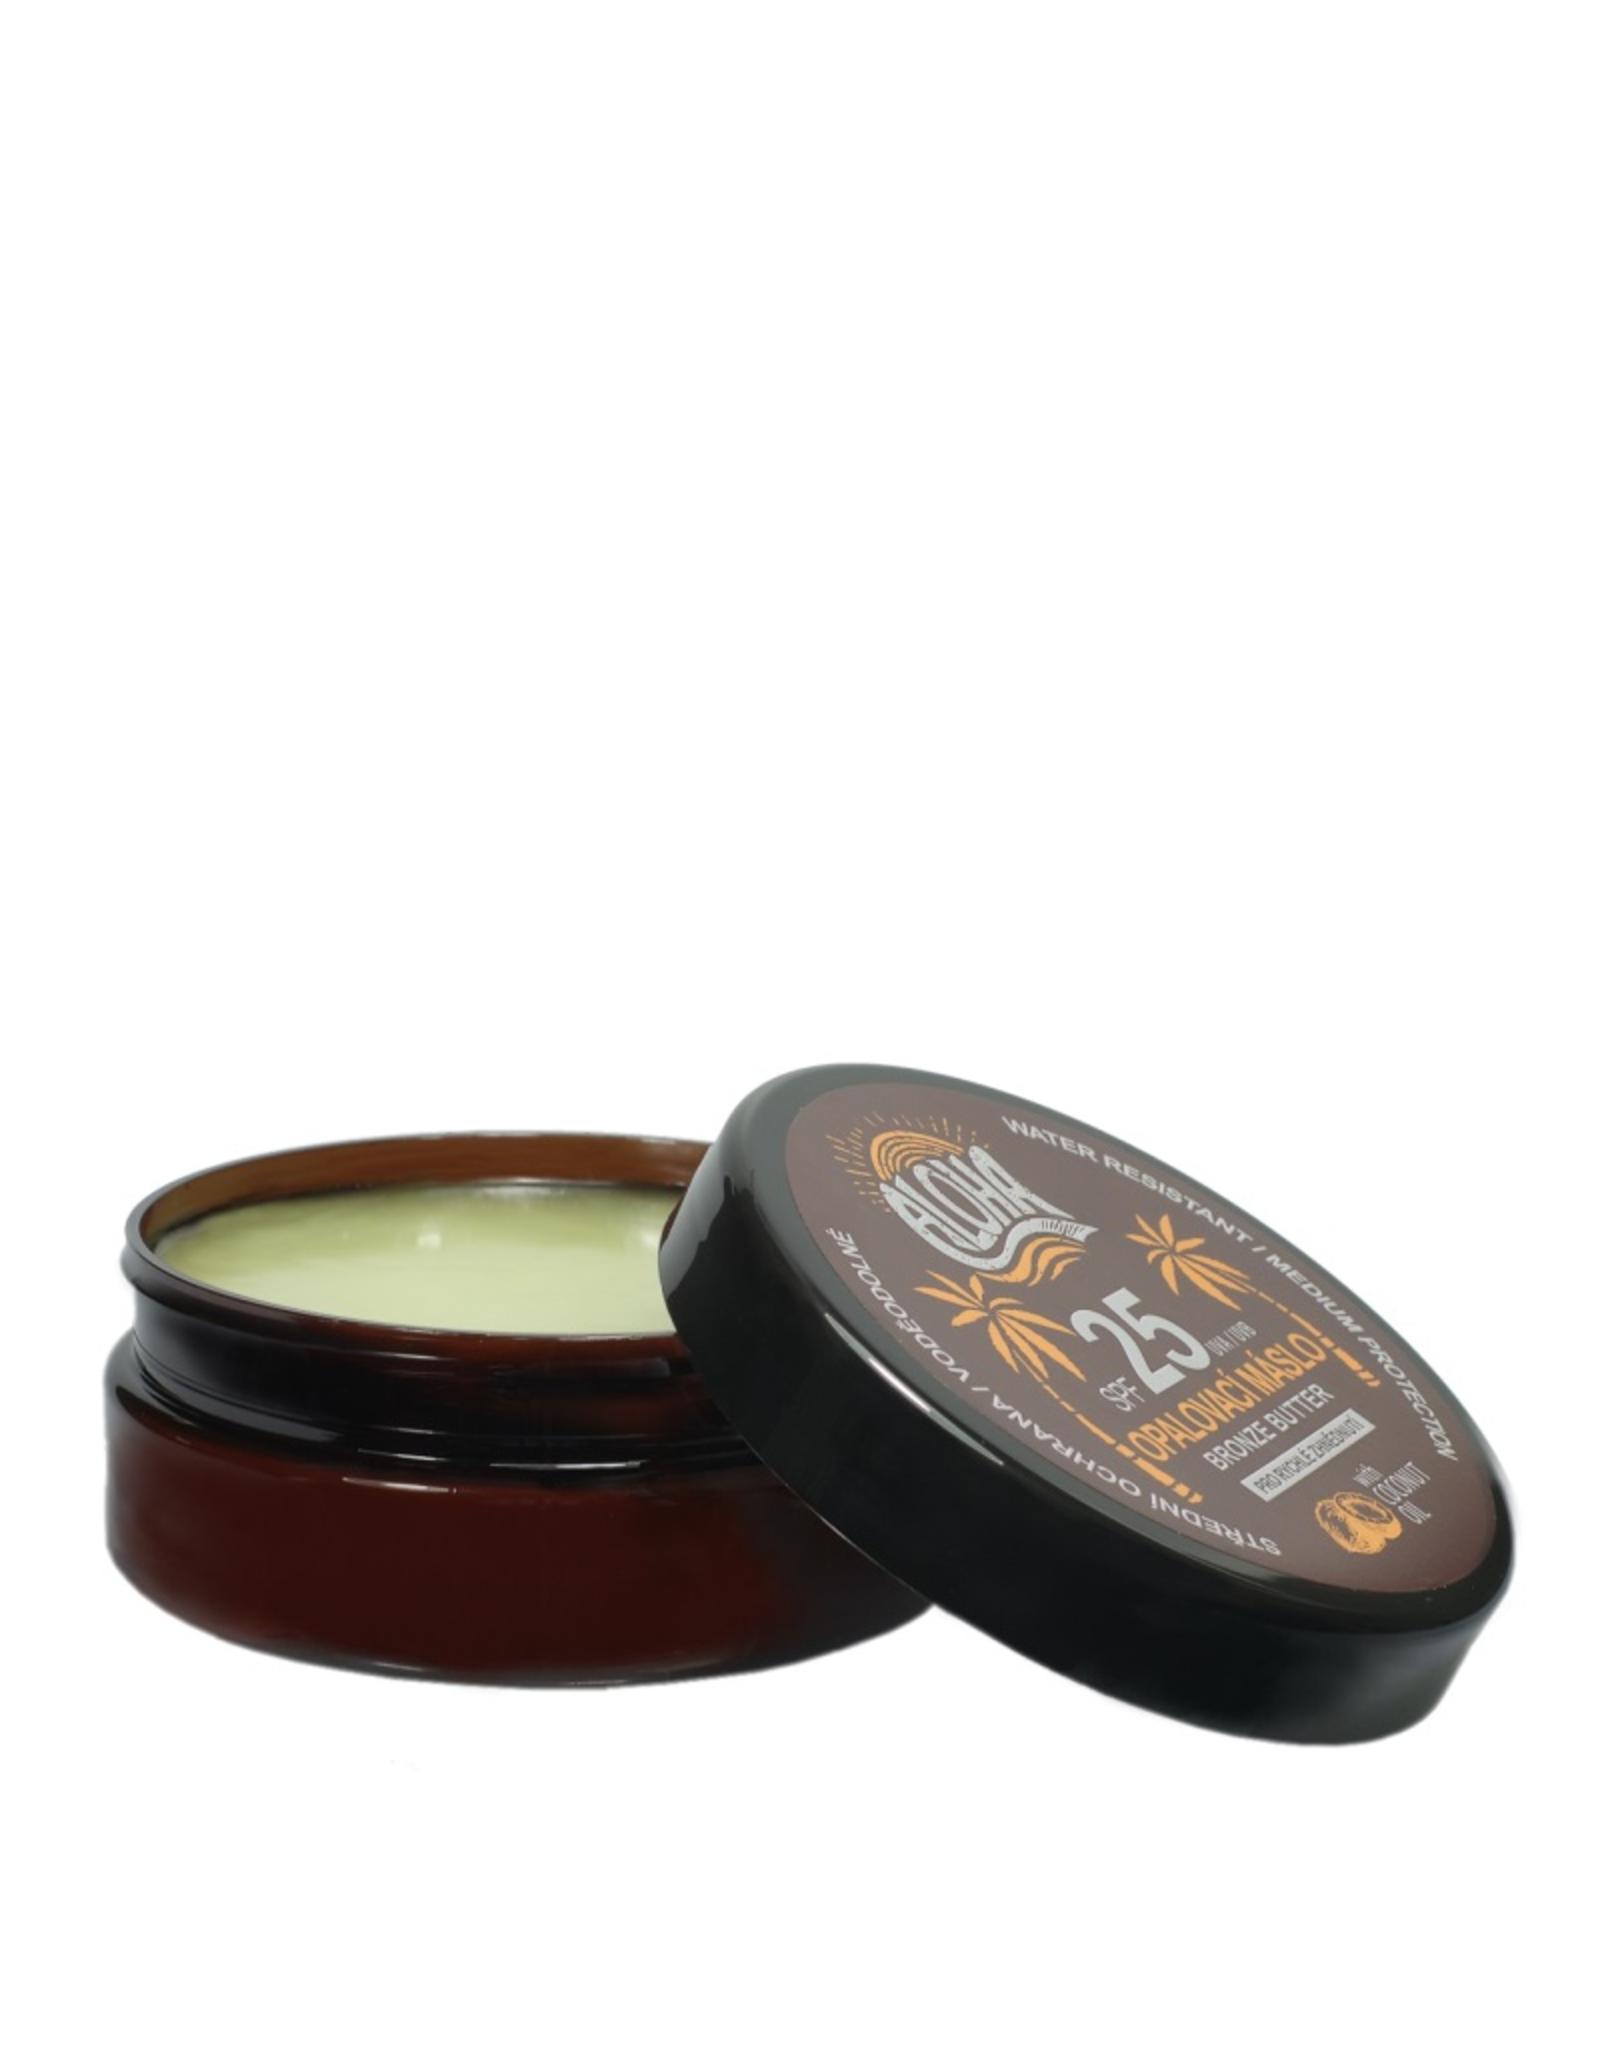 ALOHA Zonnebrand Butter met kokosolie SPF 25 voor snel bruinen